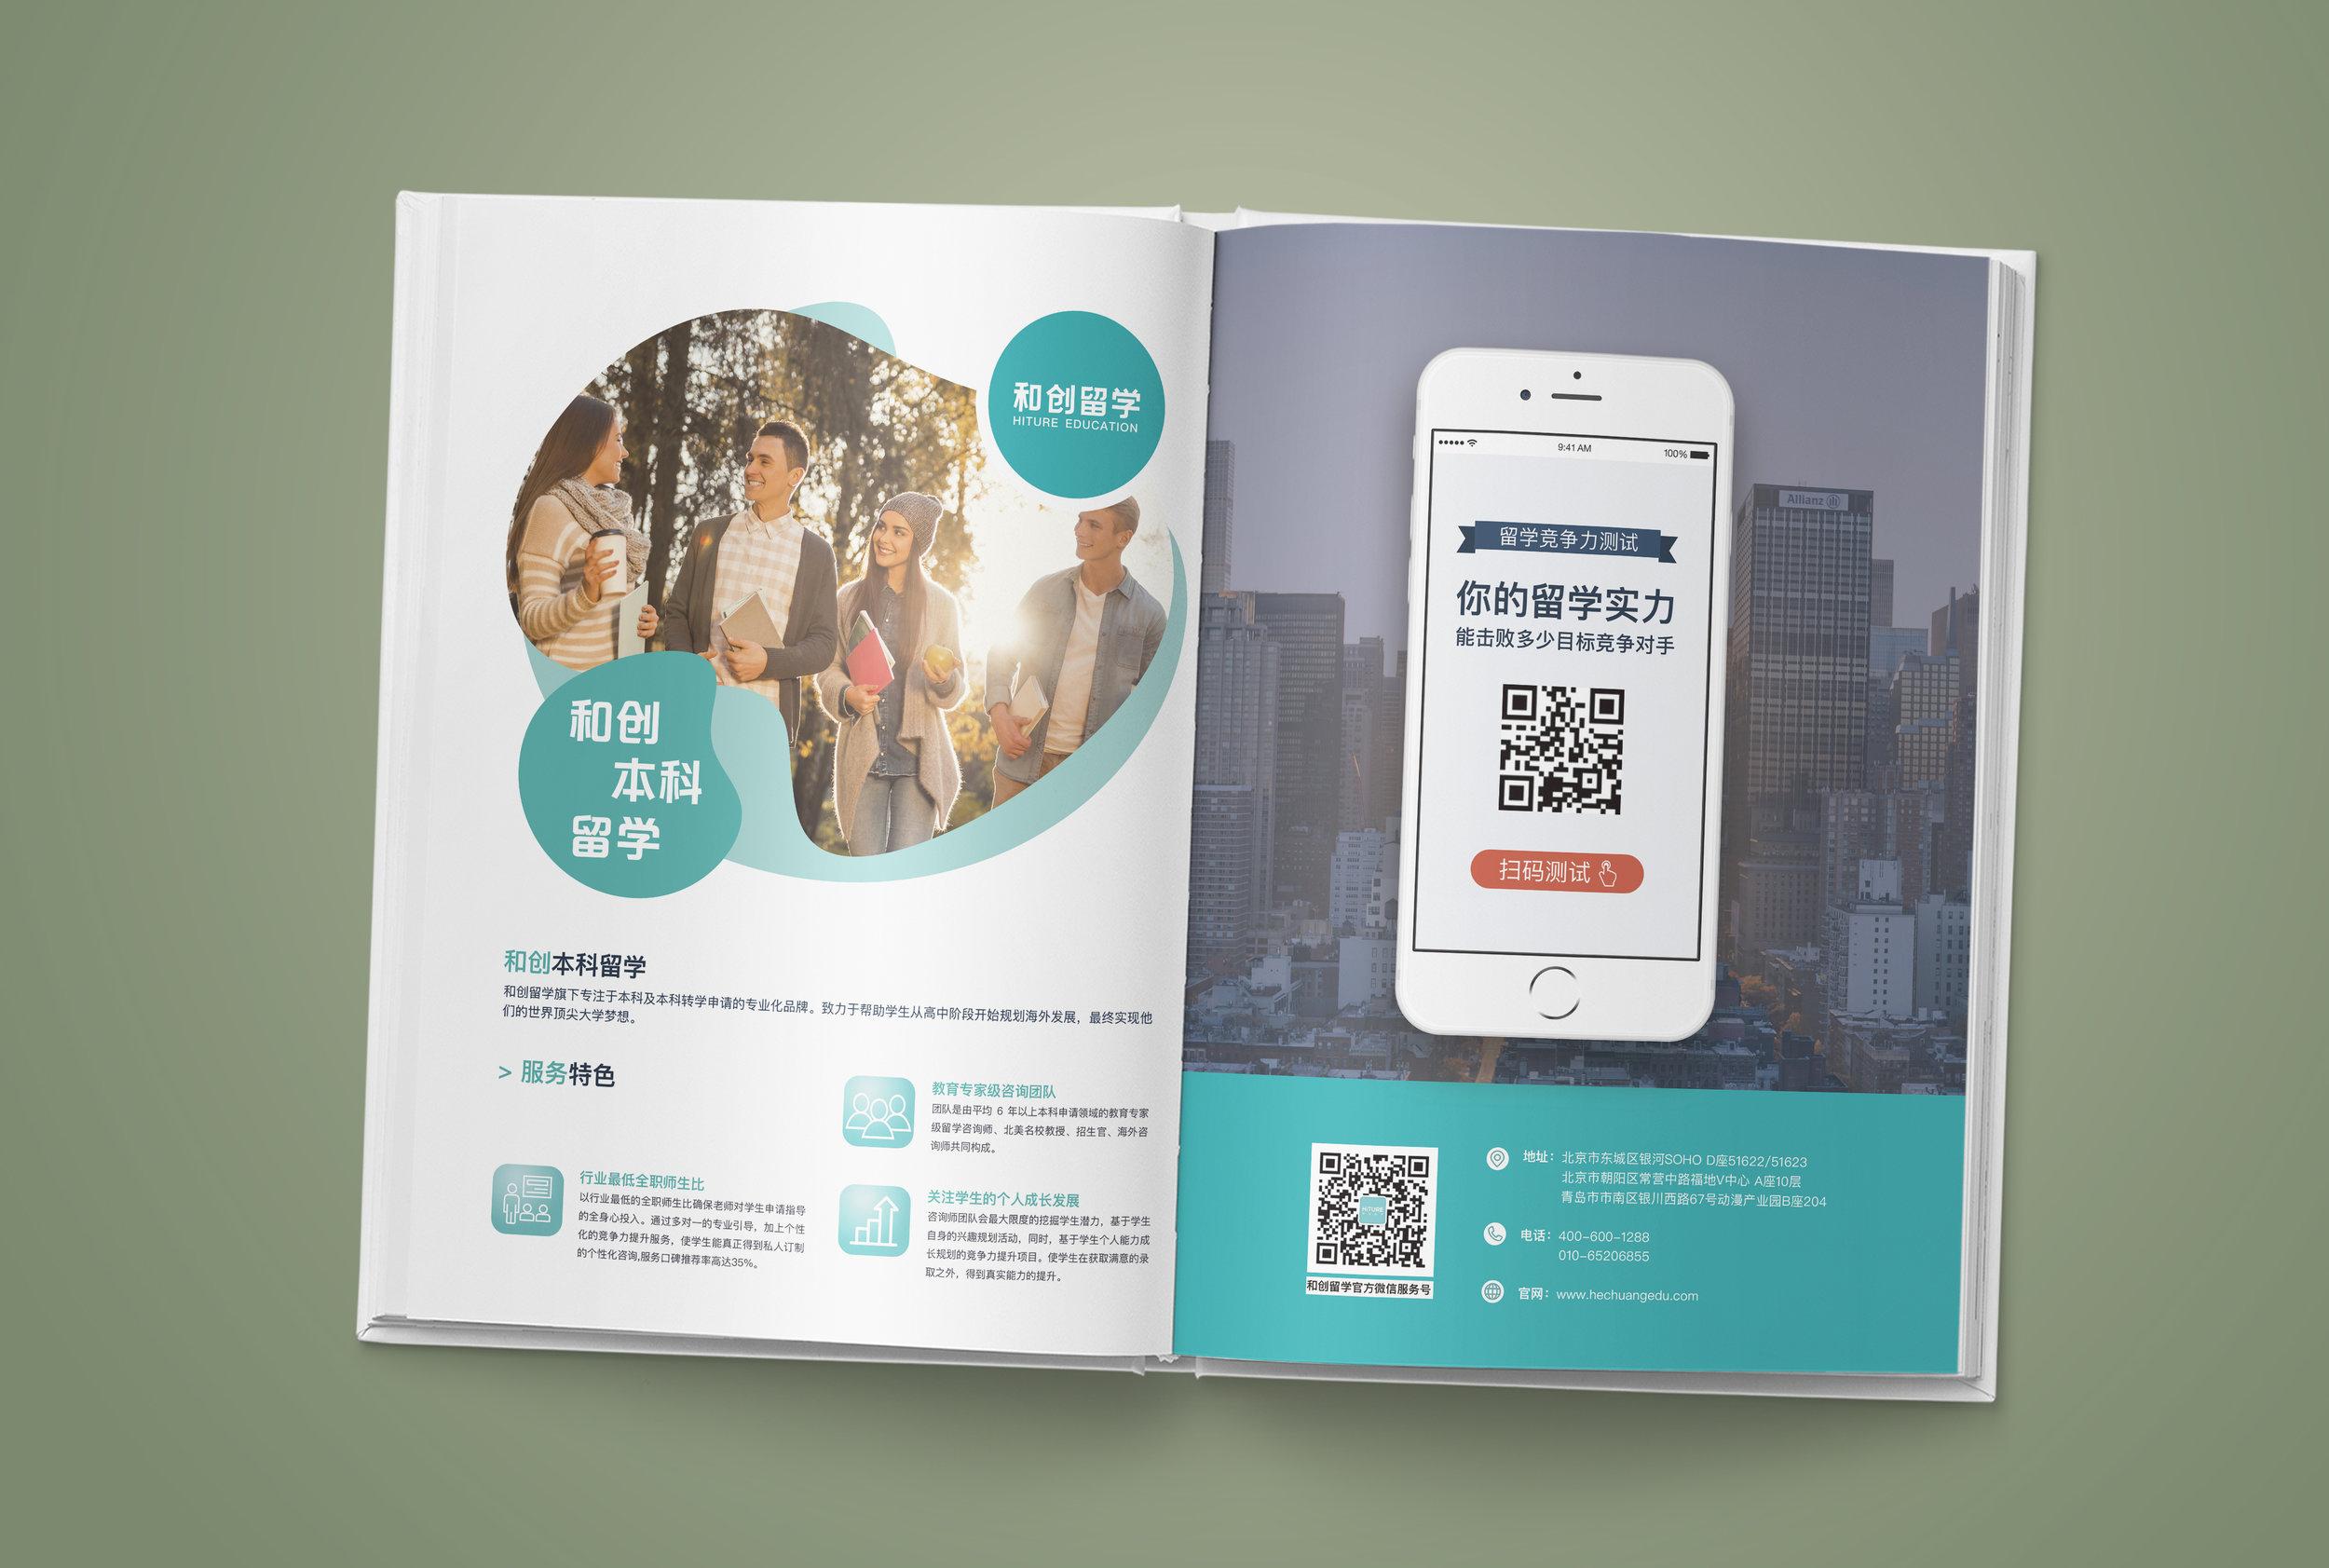 杂志-广告样机1.jpg